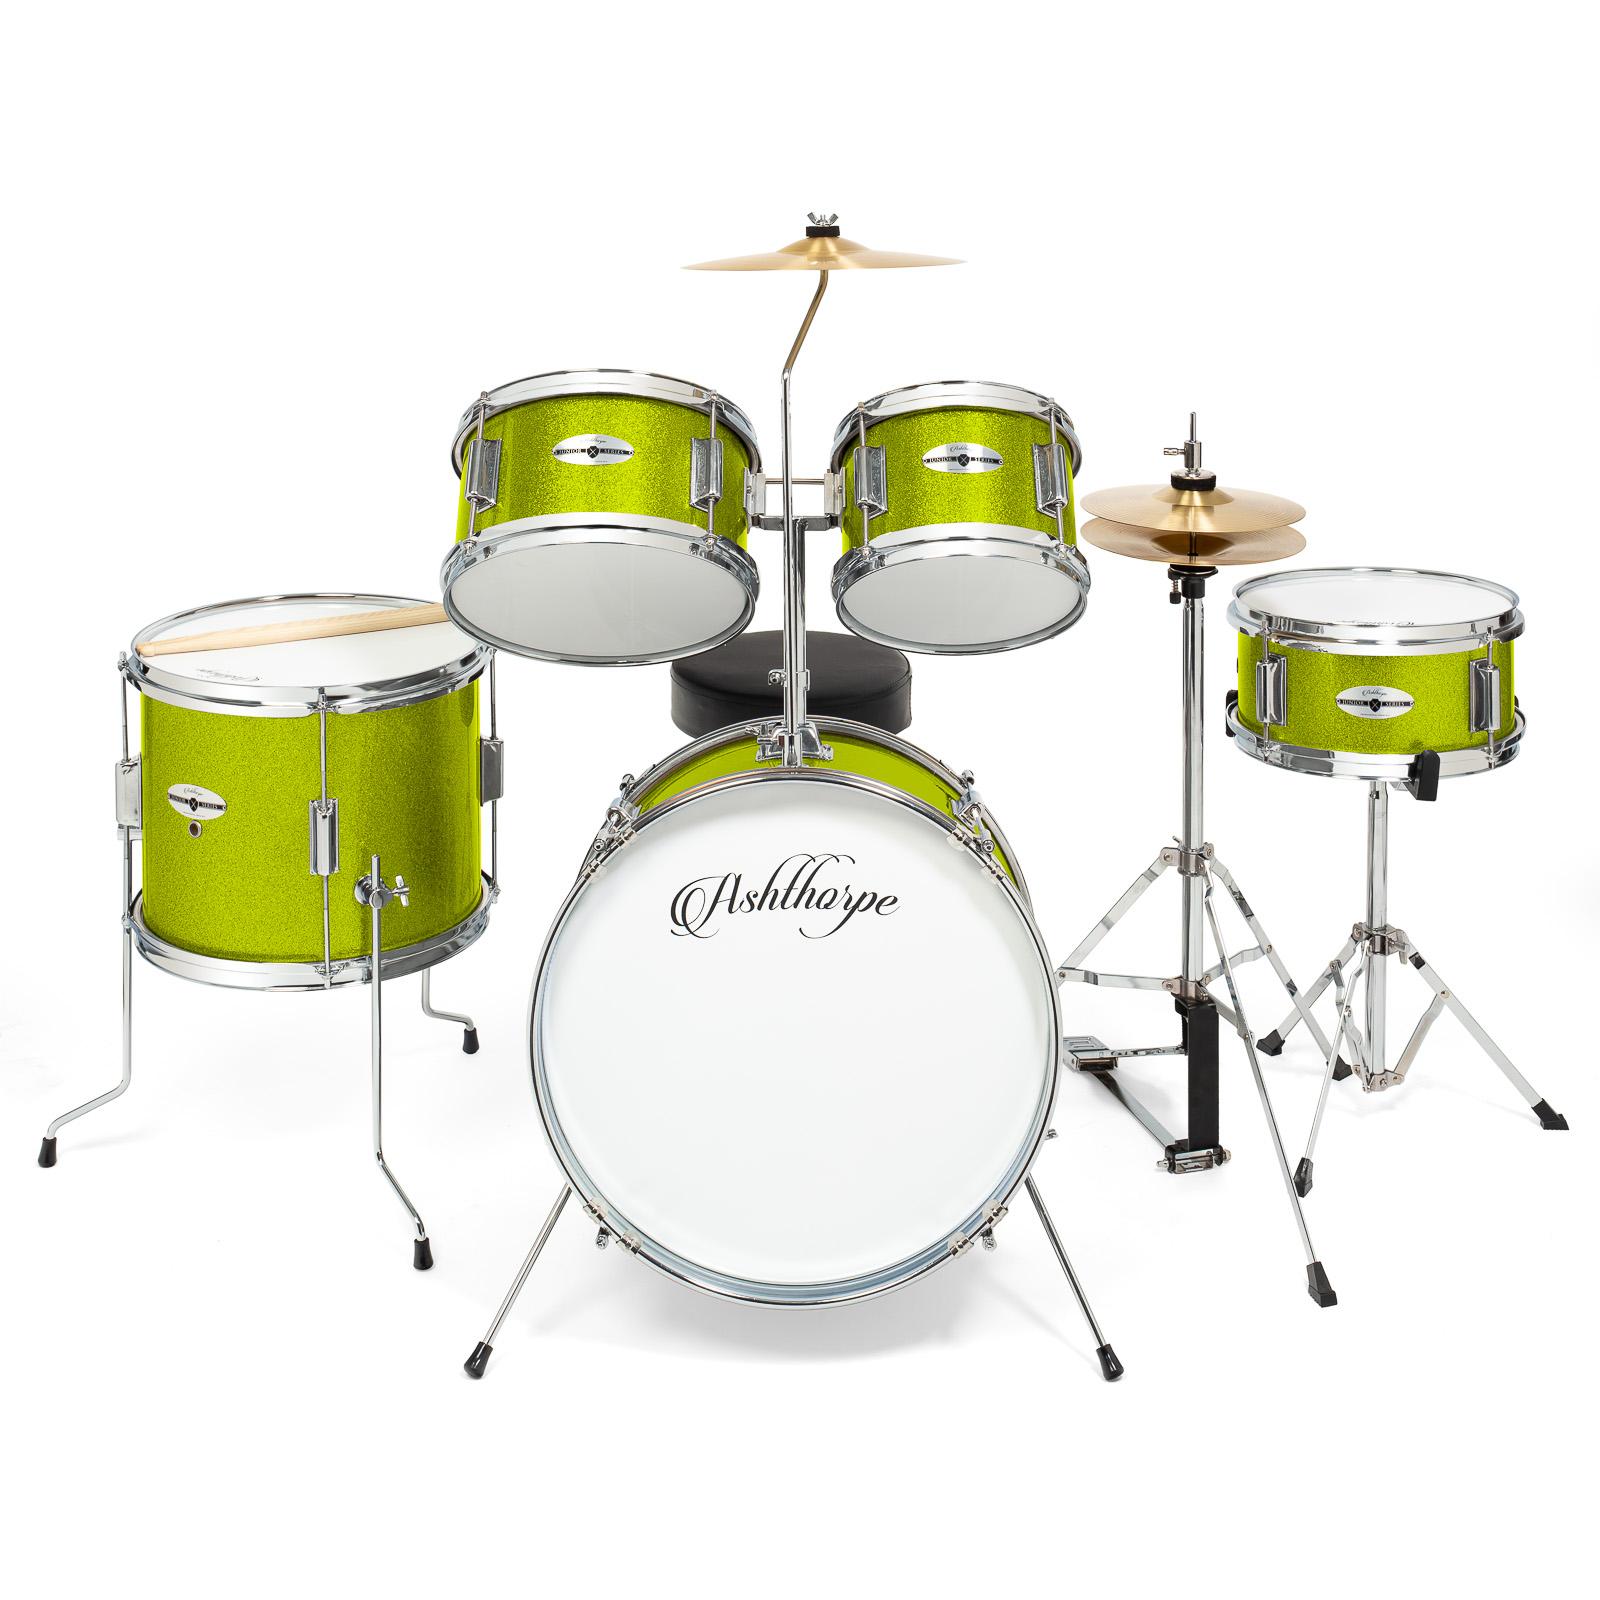 5 piece junior drum set with brass cymbals children kid starter kit ebay. Black Bedroom Furniture Sets. Home Design Ideas